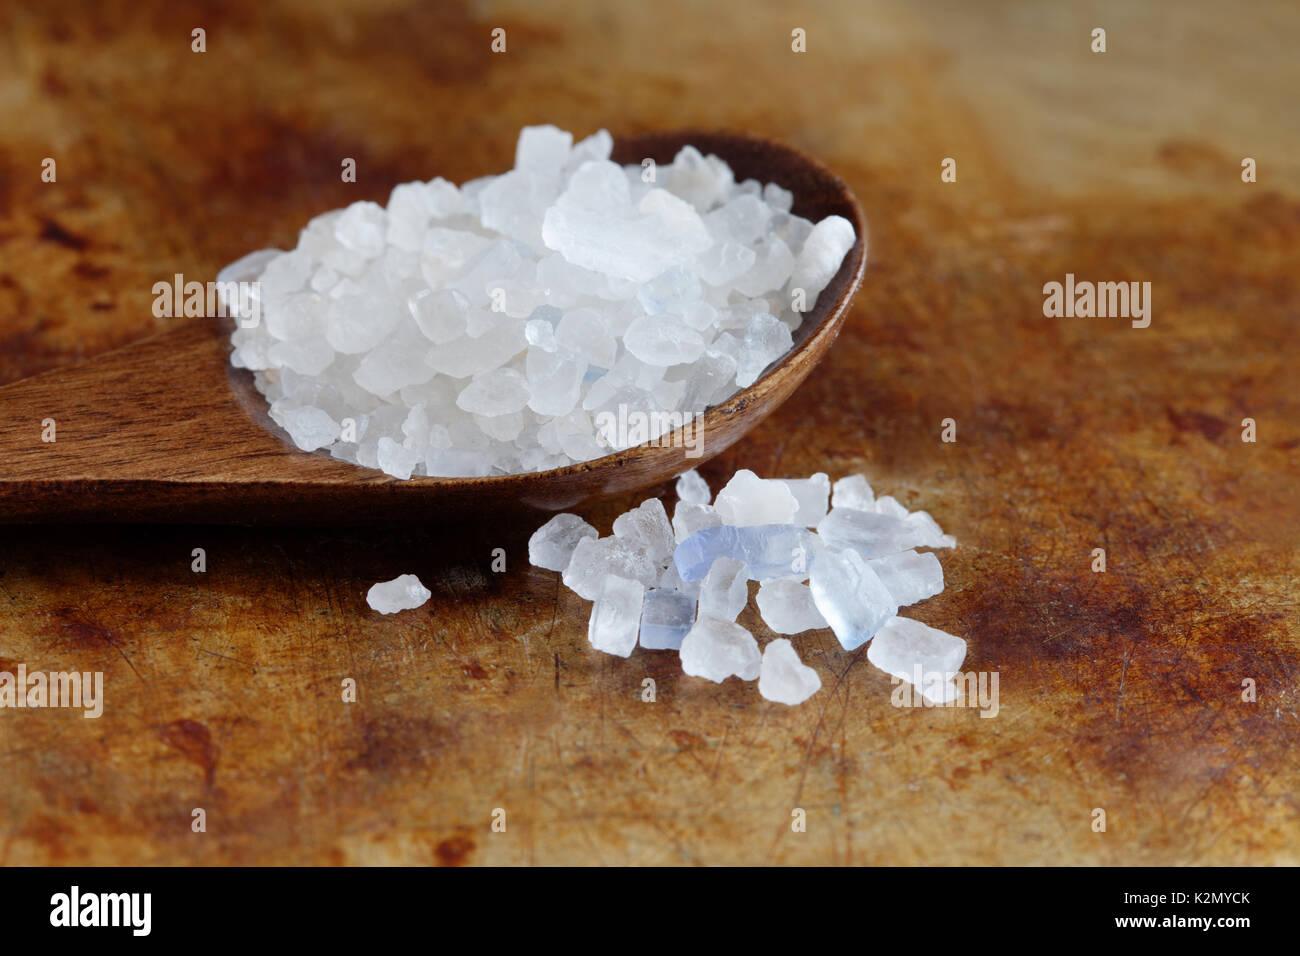 Iranische essen Persisch blau Salz crystal Makro anzeigen. Mineral Salz Natriumchlorid aus. Organische Teigwarensoße Löffel aus Holz, im Alter von Rusty Hintergrund. Geringe Tiefe Feld Stockbild